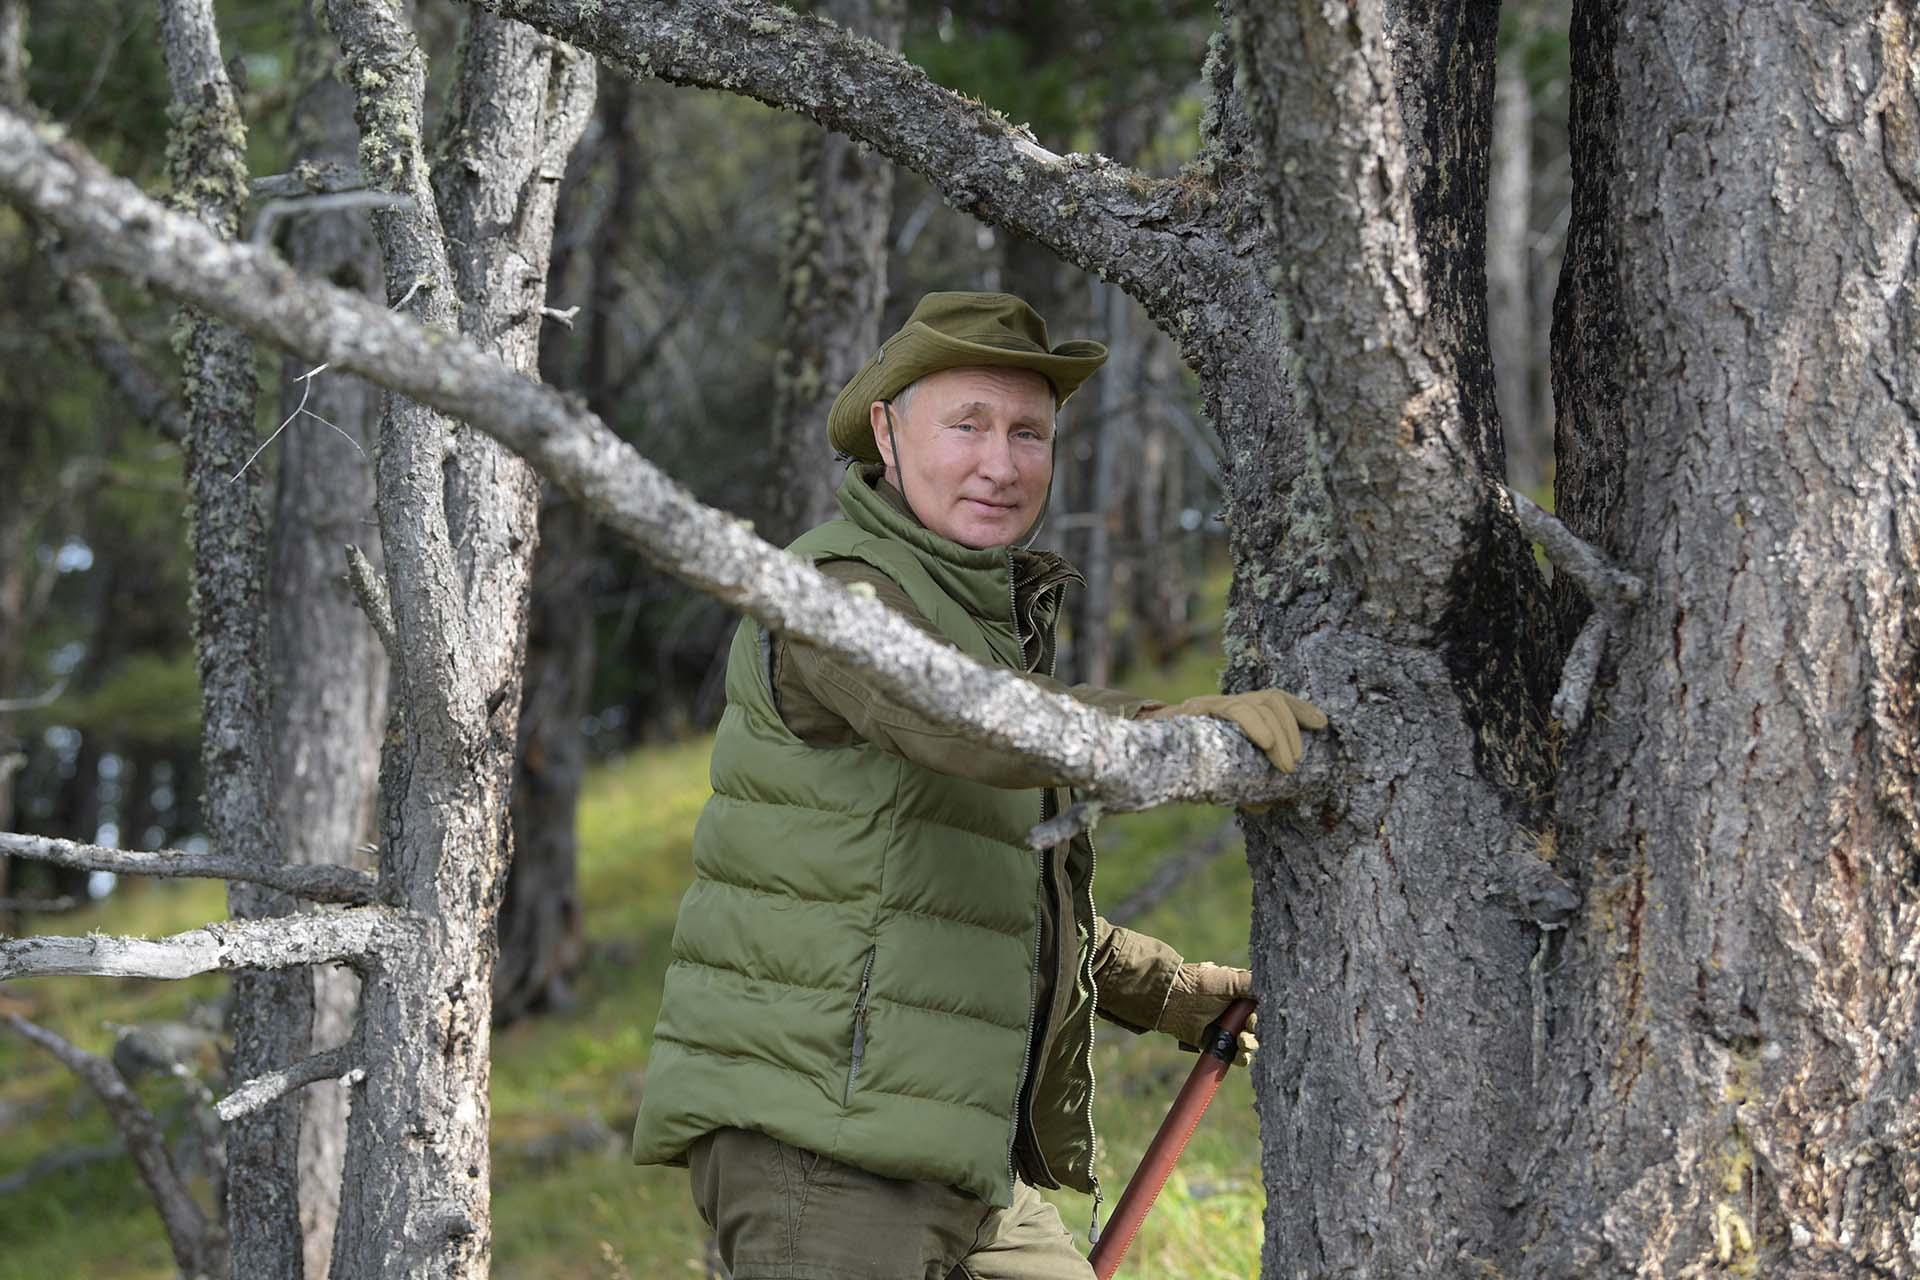 En un video difundido por el Kremlin, con una voz casi sin aliento, Putin destacó: